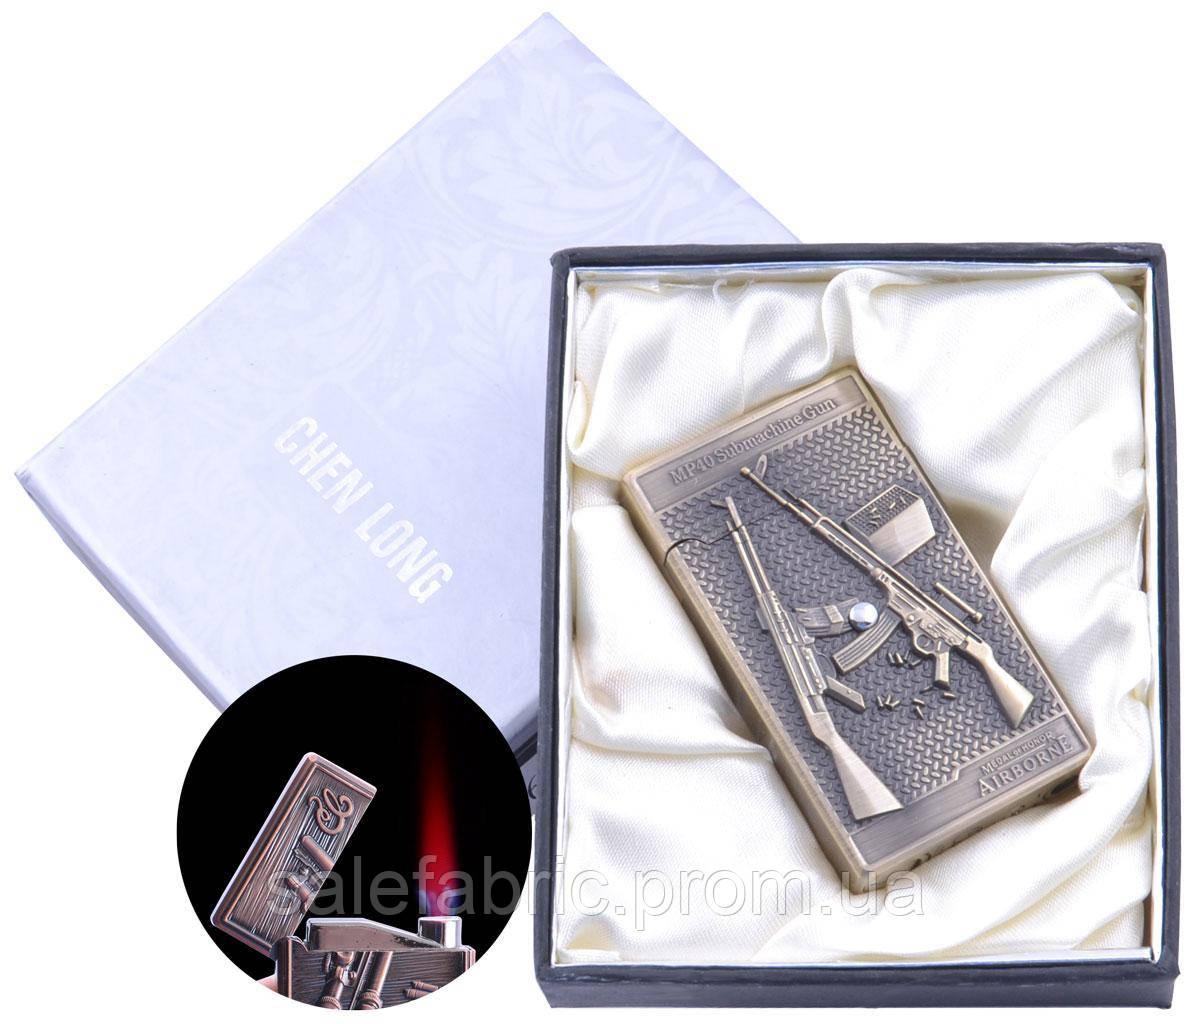 Зажигалка электронная в подарочной коробке Chenlong (Турбо пламя) №4060-2